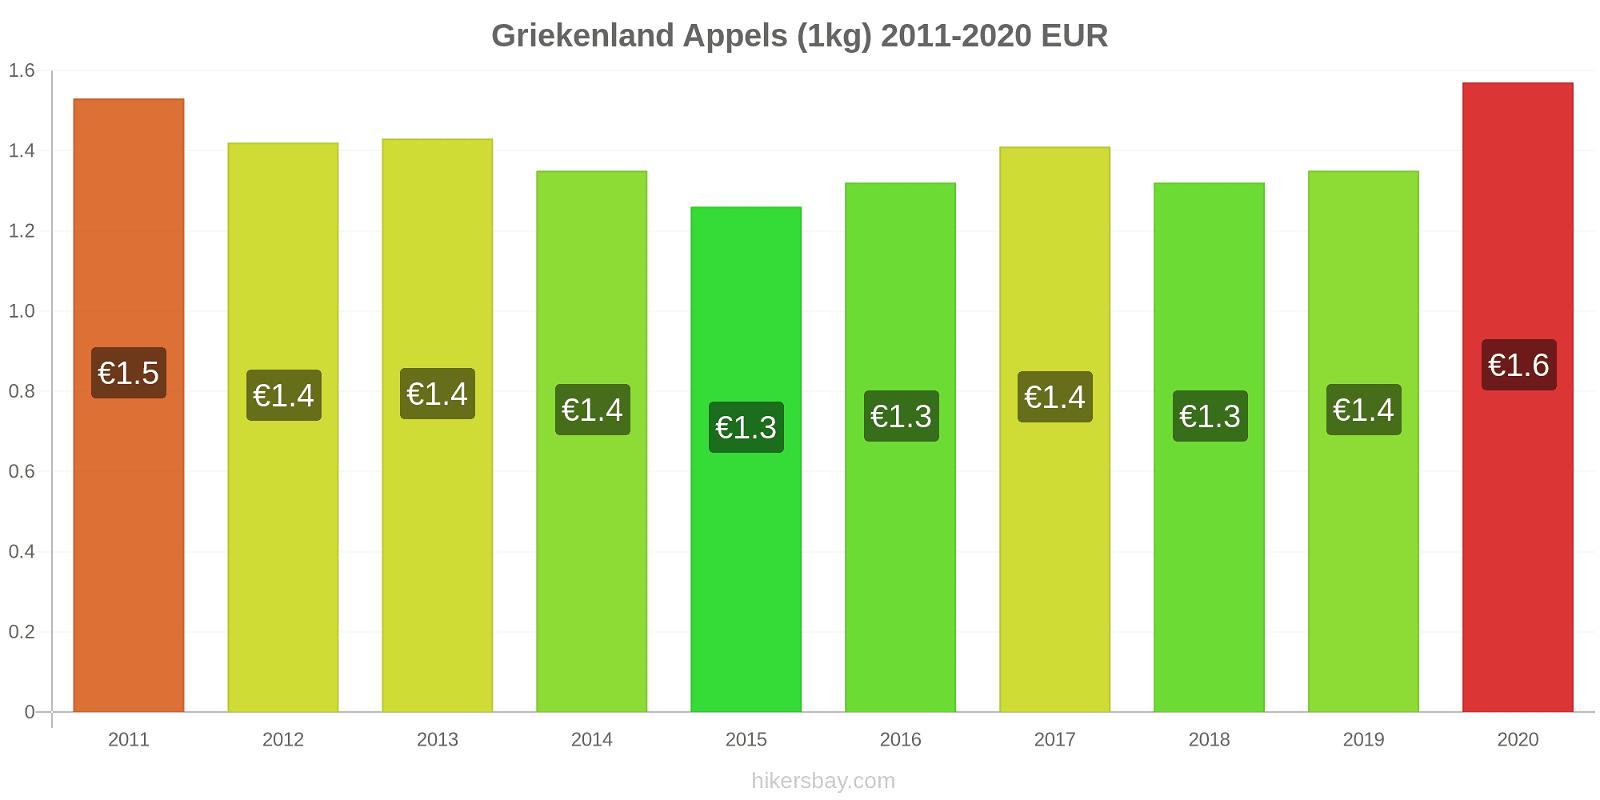 Griekenland prijswijzigingen Appels (1kg) hikersbay.com